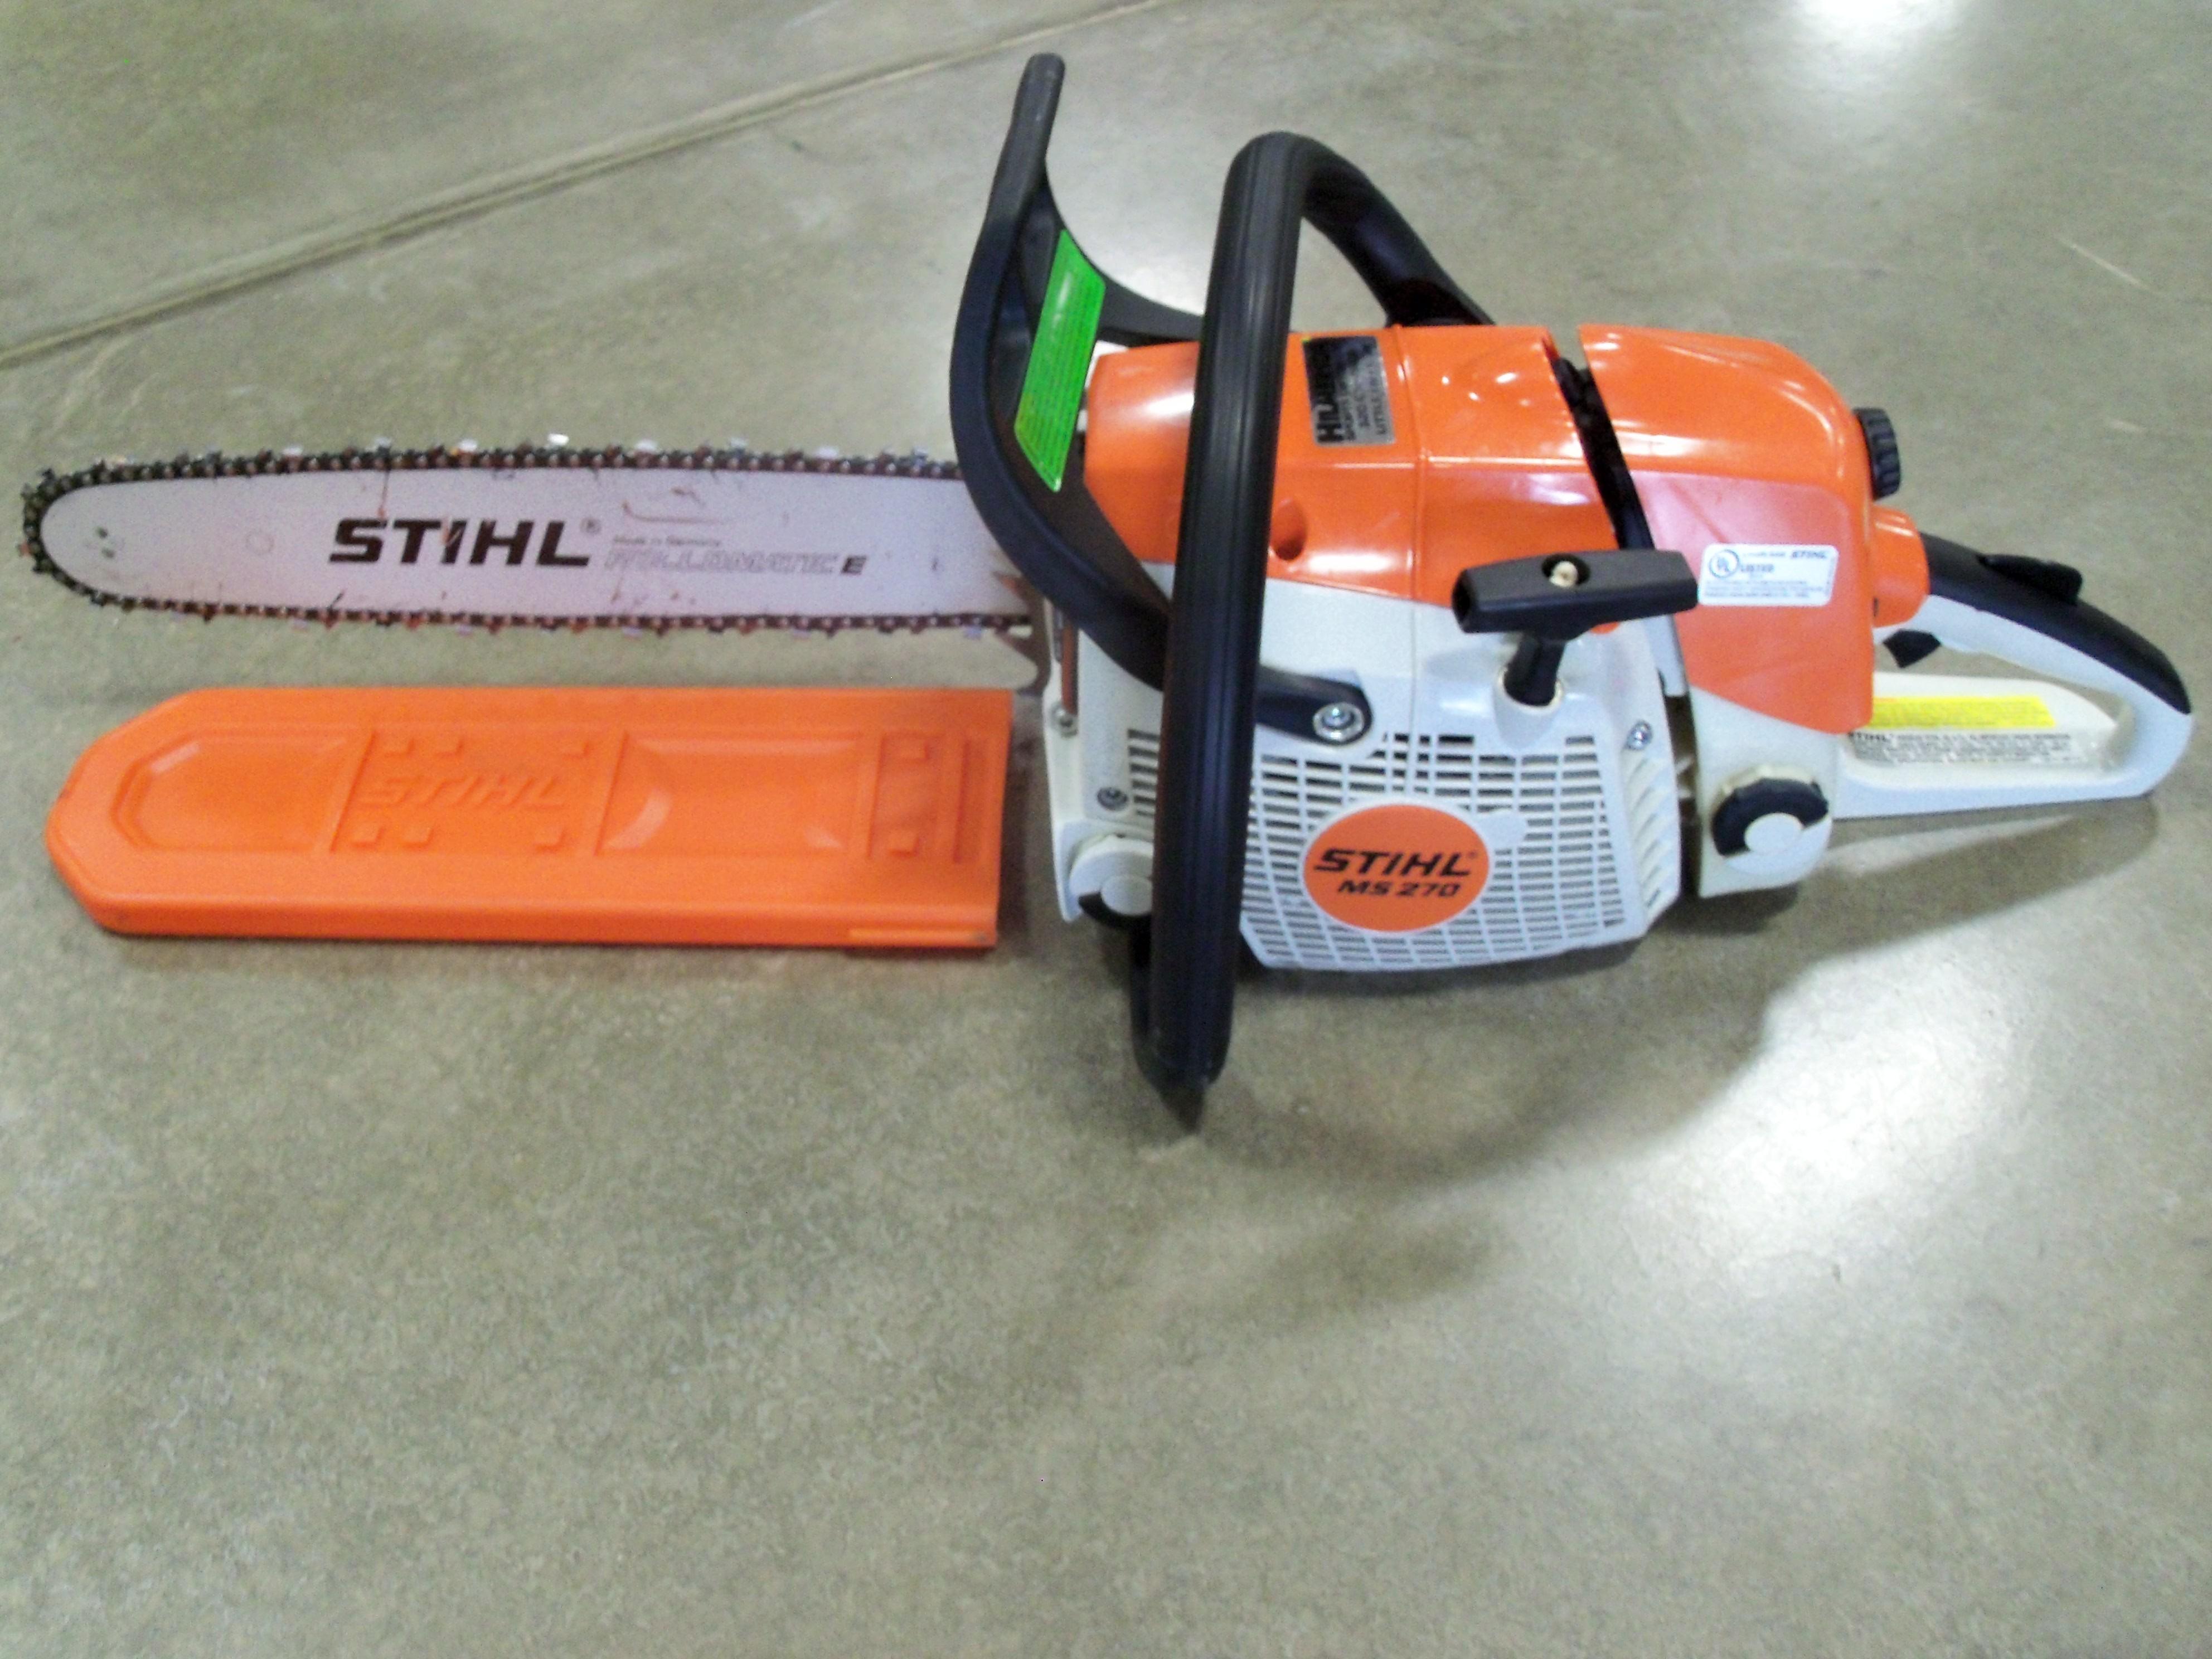 Бензопила stihl ms 260: технические характеристики, отзывы, инструкция